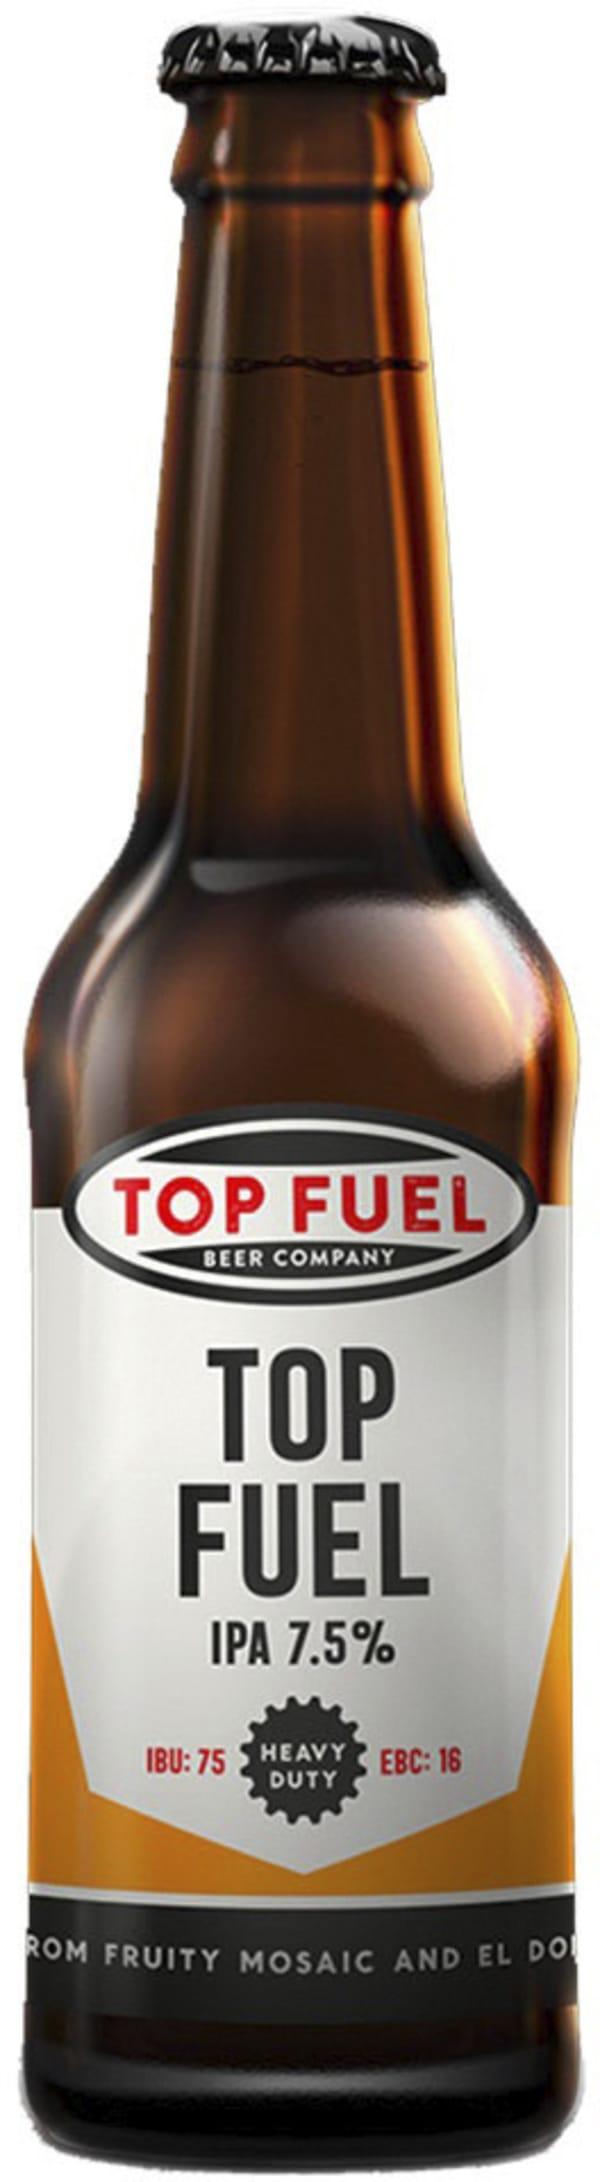 Top Fuel IPA